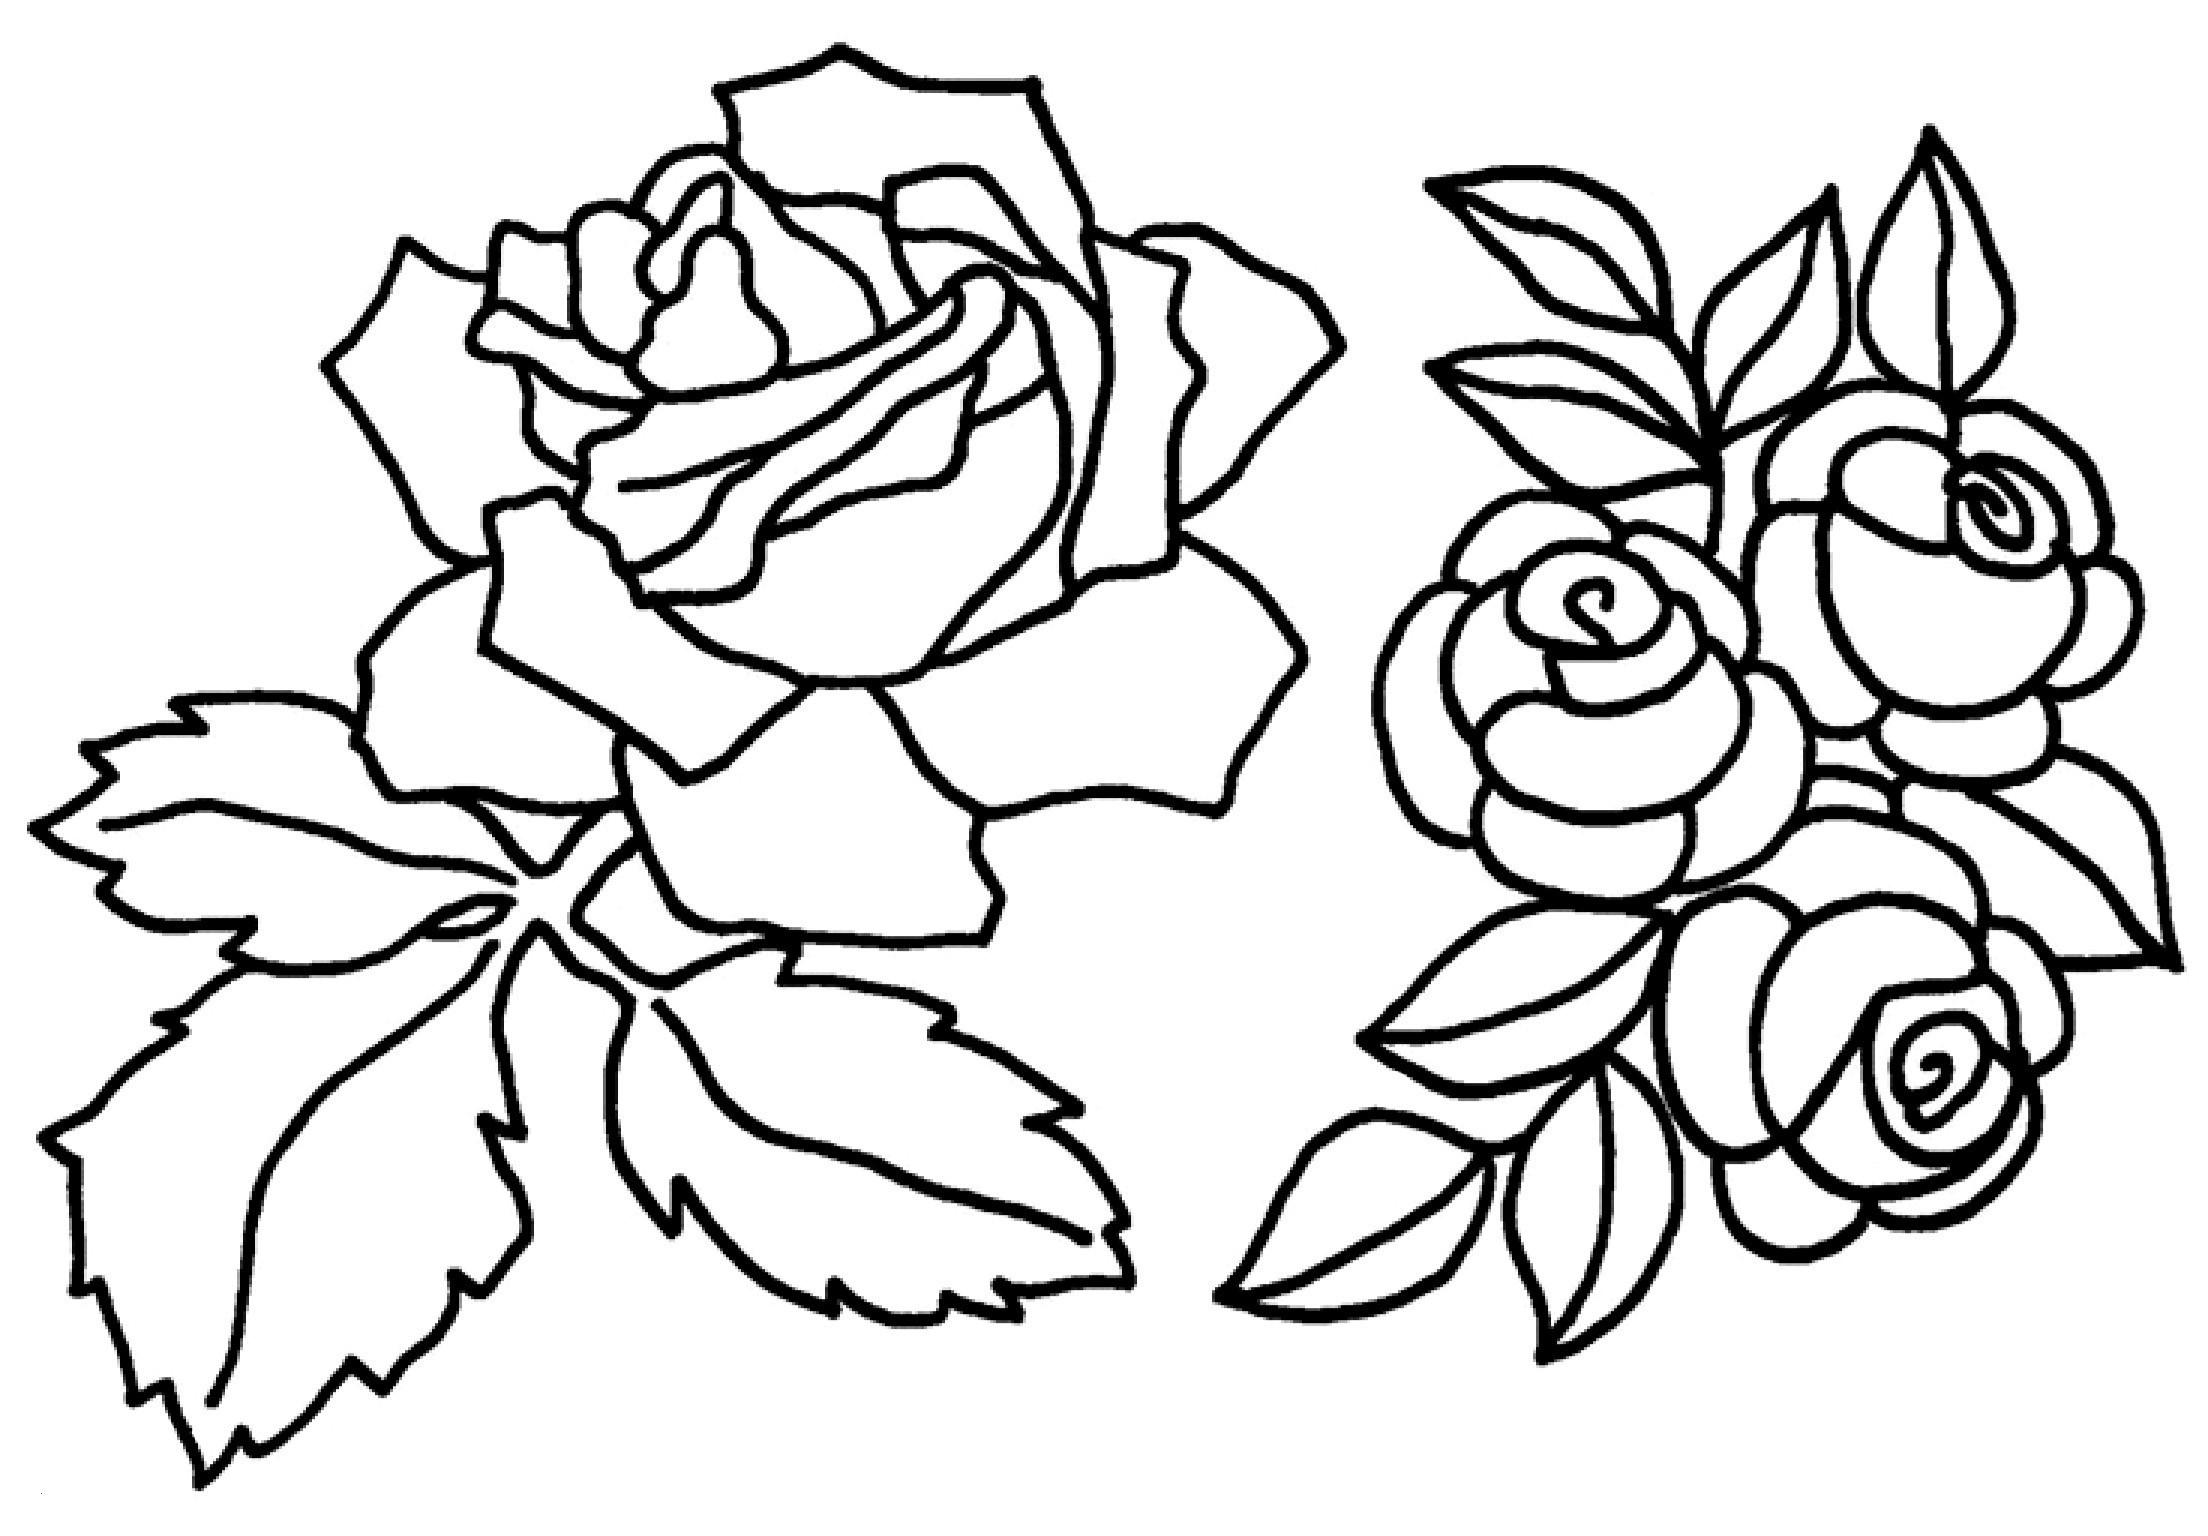 Malvorlagen Blumen Rosen Das Beste Von Ausmalbilder Rosen Awesome Das Beste Von Malvorlagen Blumen Zum Bild